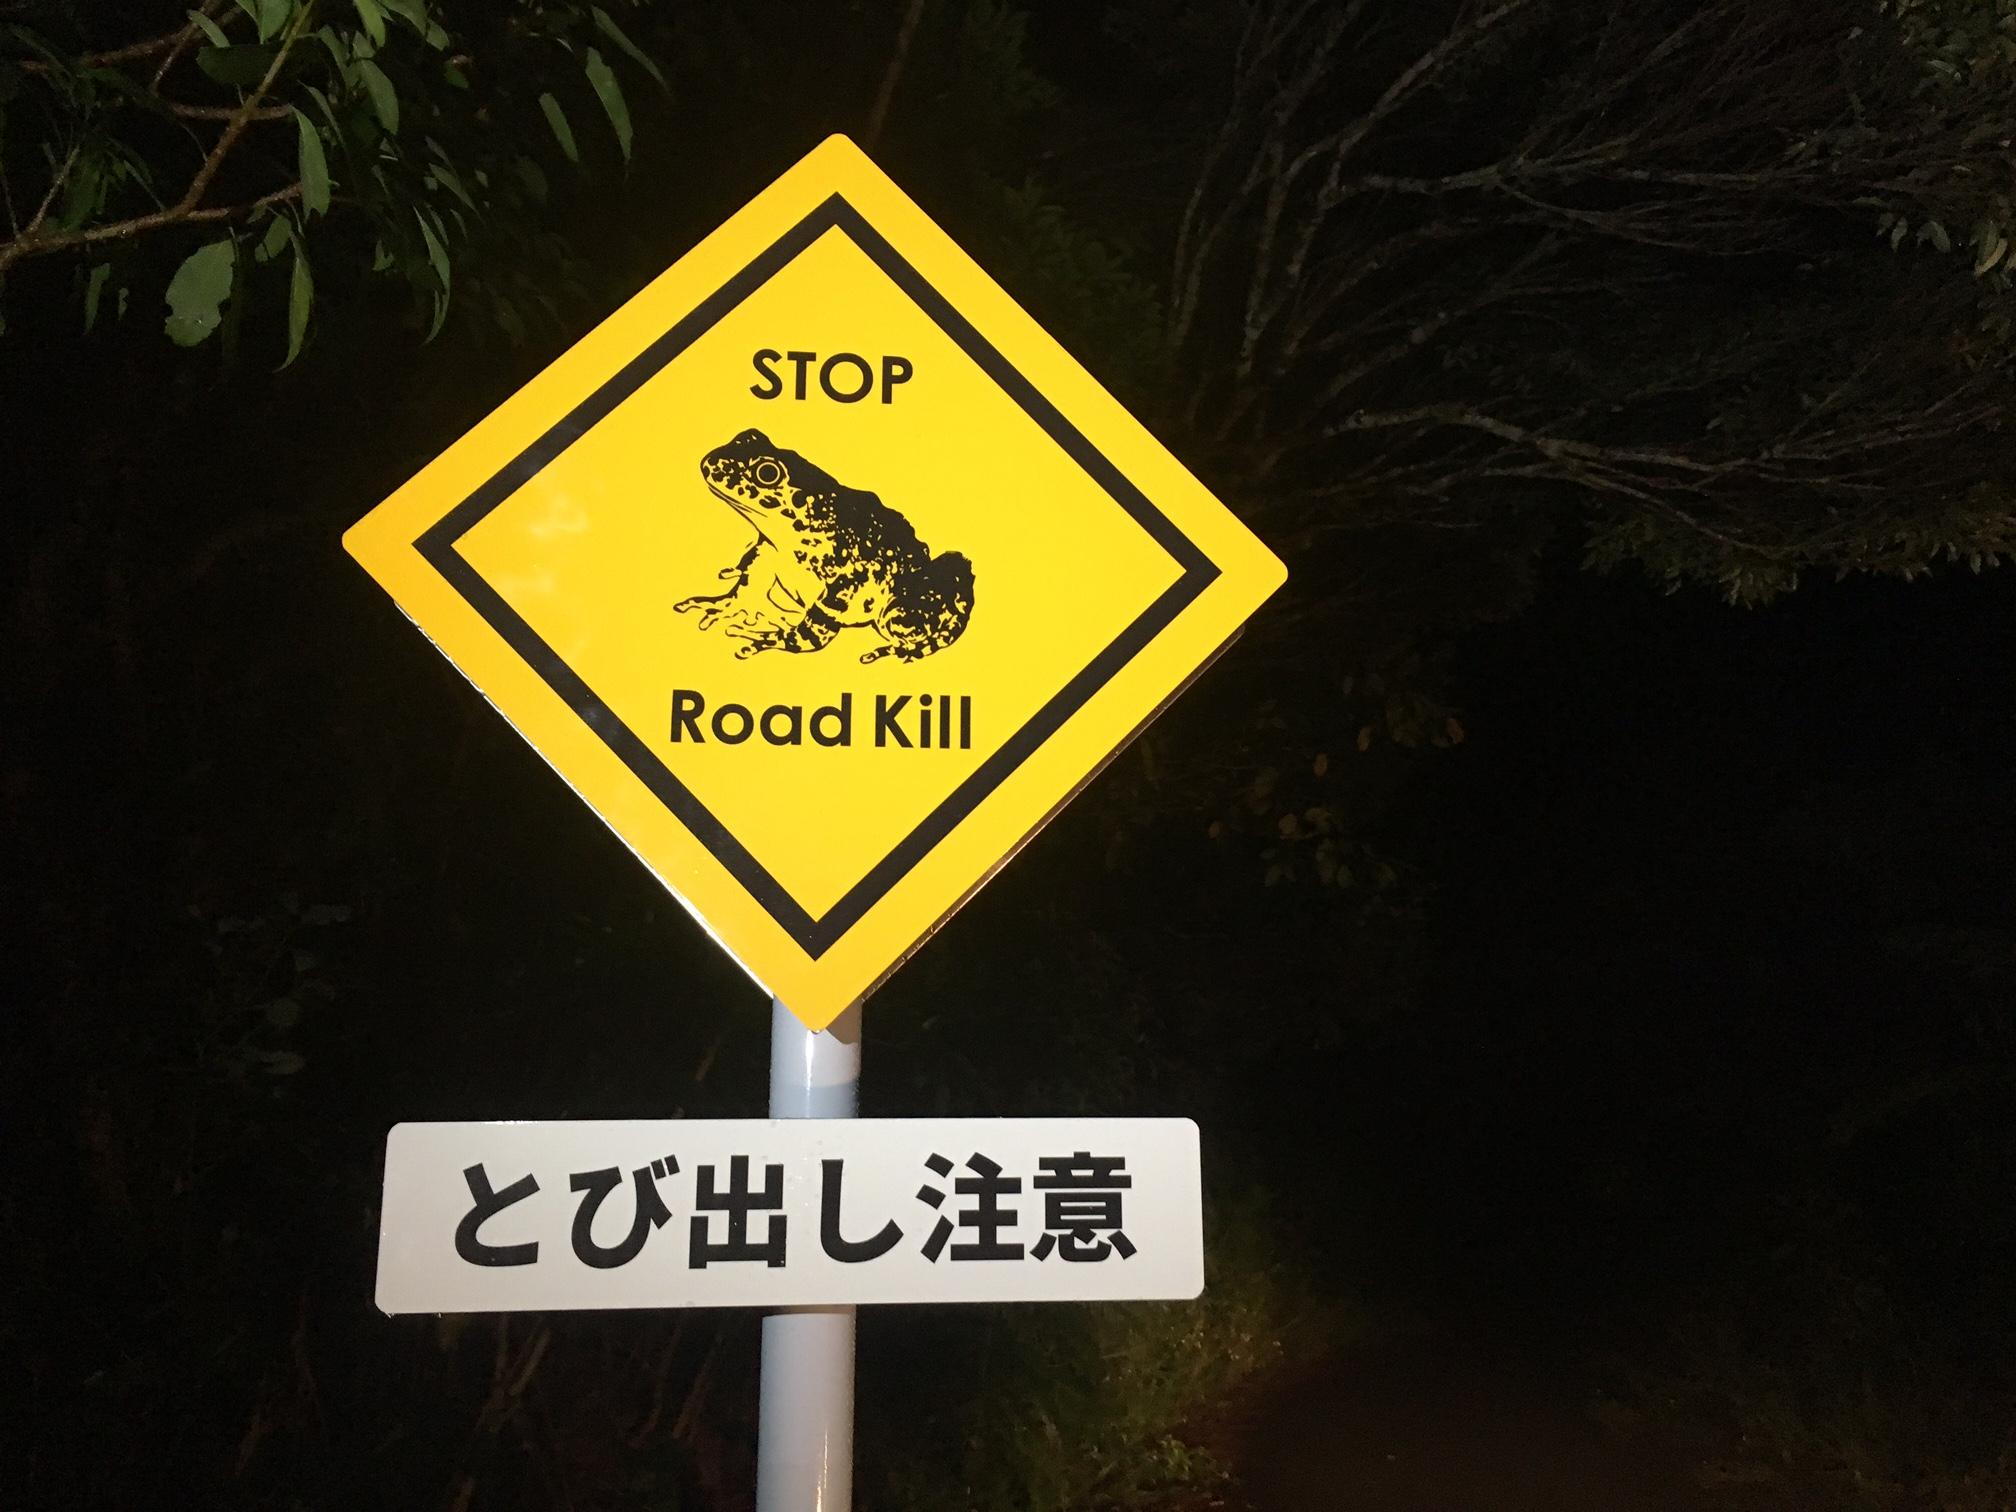 Ishikawas frog - Roadkill